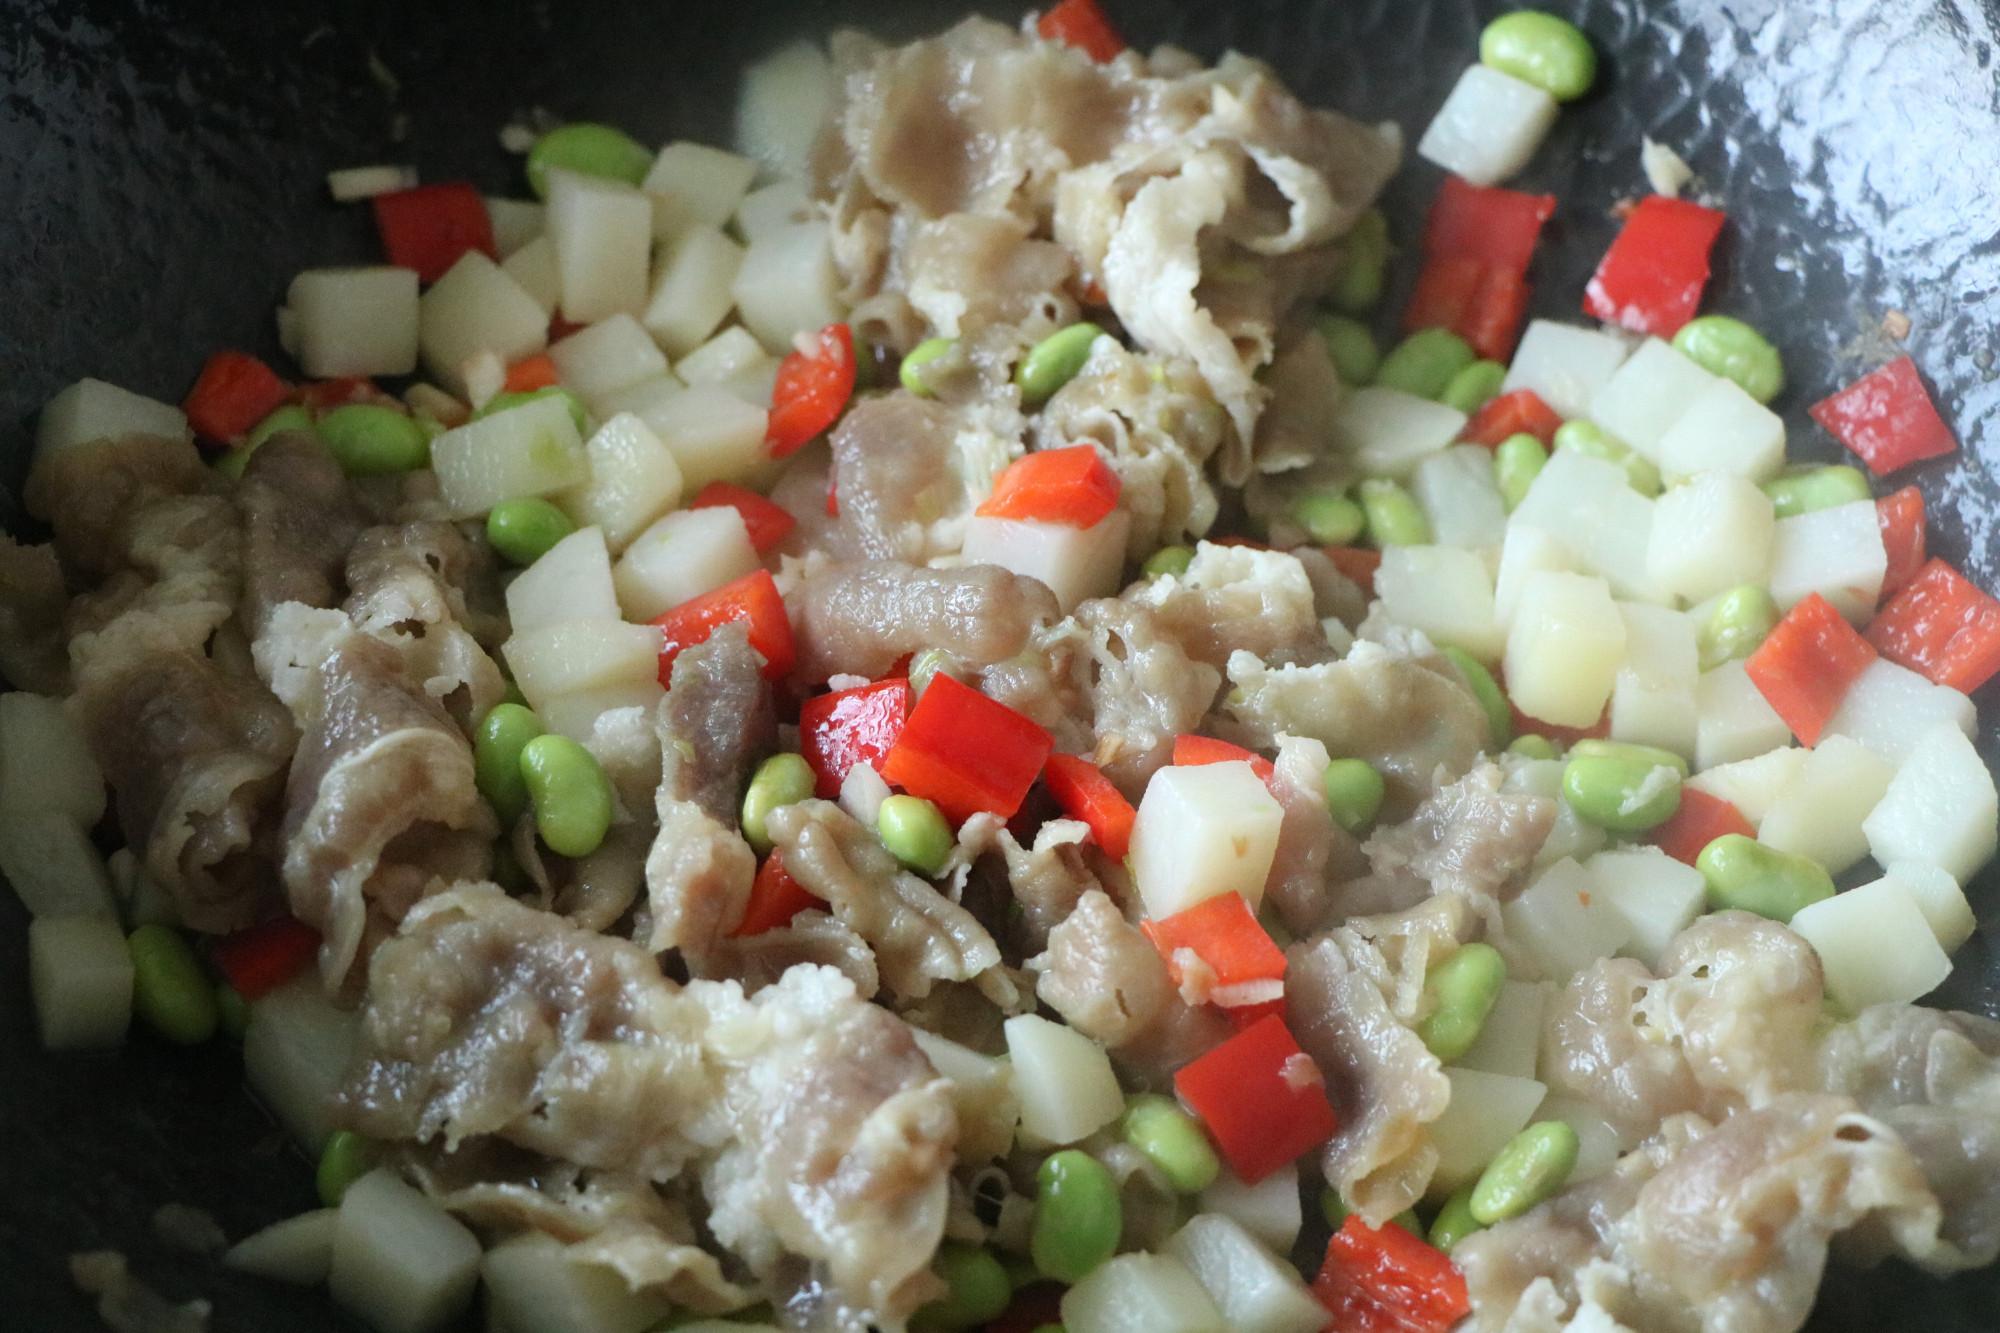 入冬必備的懶人飯,有肉有菜,省時省力,濃濃的湯汁拌米飯,太香